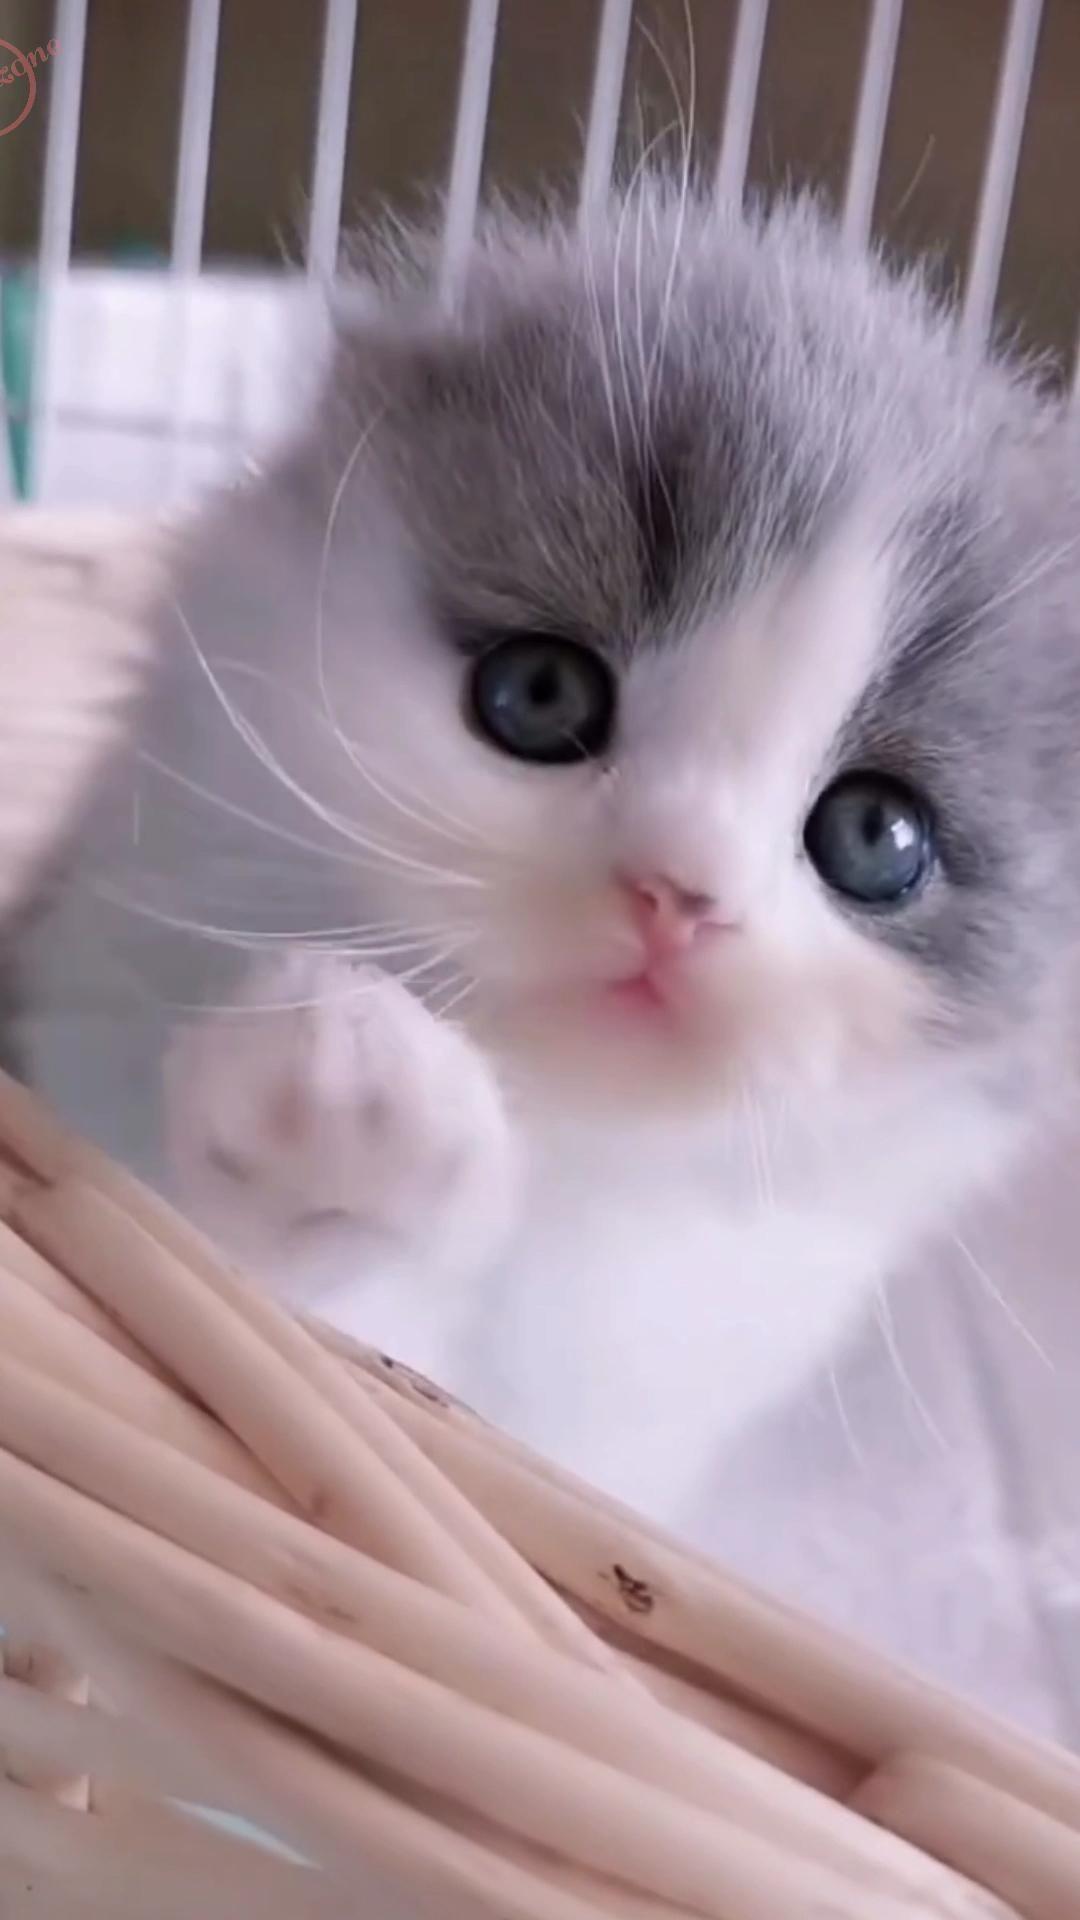 Cute kitten video | Baby cat